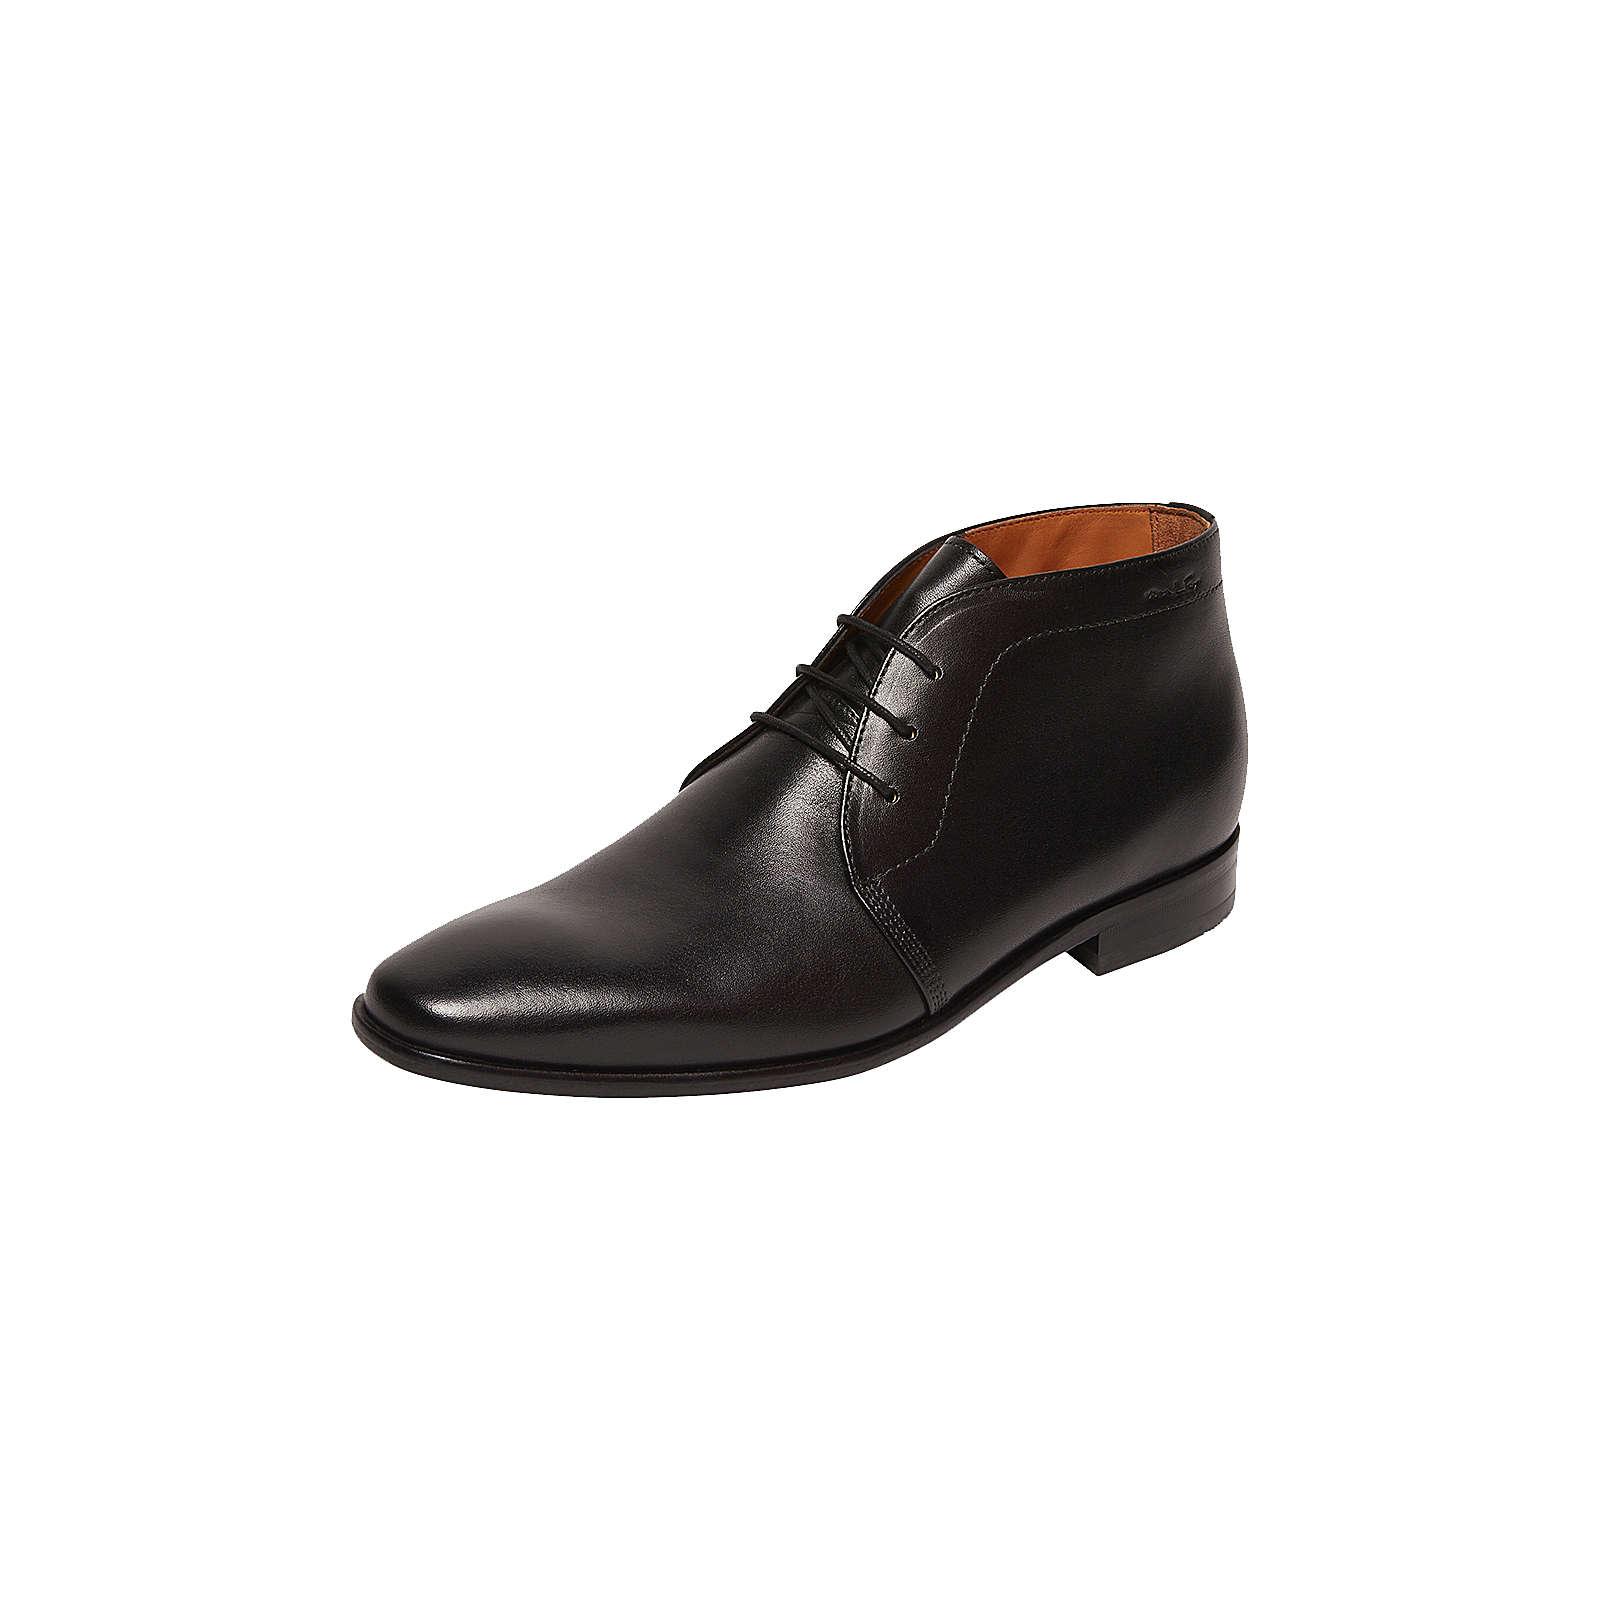 VAN LIER Schuhe Business Schuh Goliath Schnürschuhe schwarz Herren Gr. 46